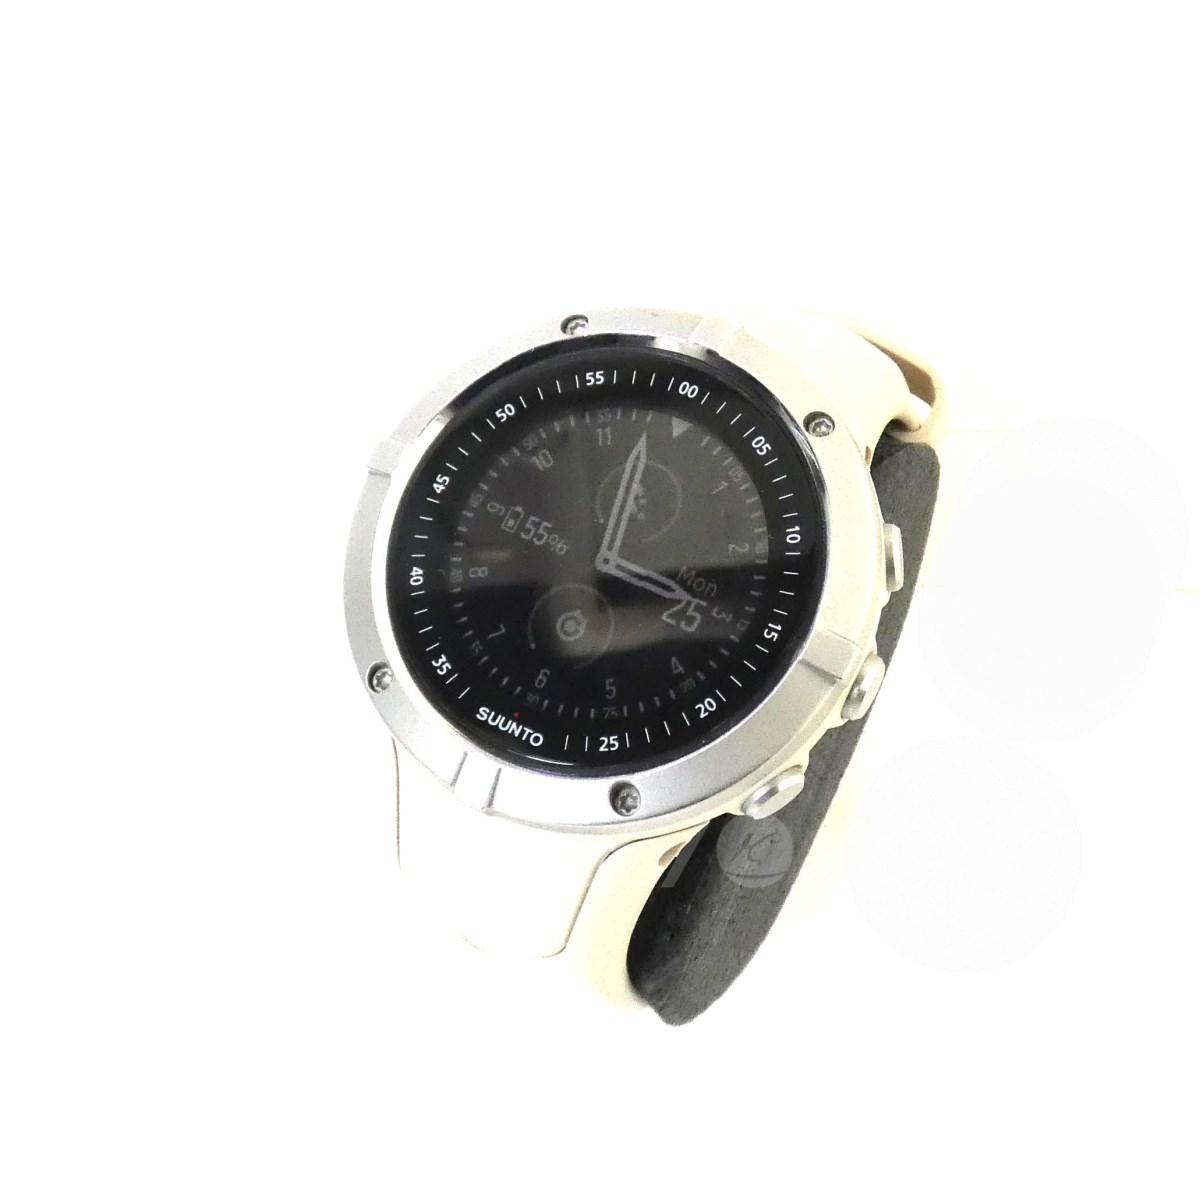 【中古】SUUNTO 「SPARTAN TRAINER WRIST HR」 腕時計 ベージュ サイズ:- 【送料無料】 【070319】(スント)